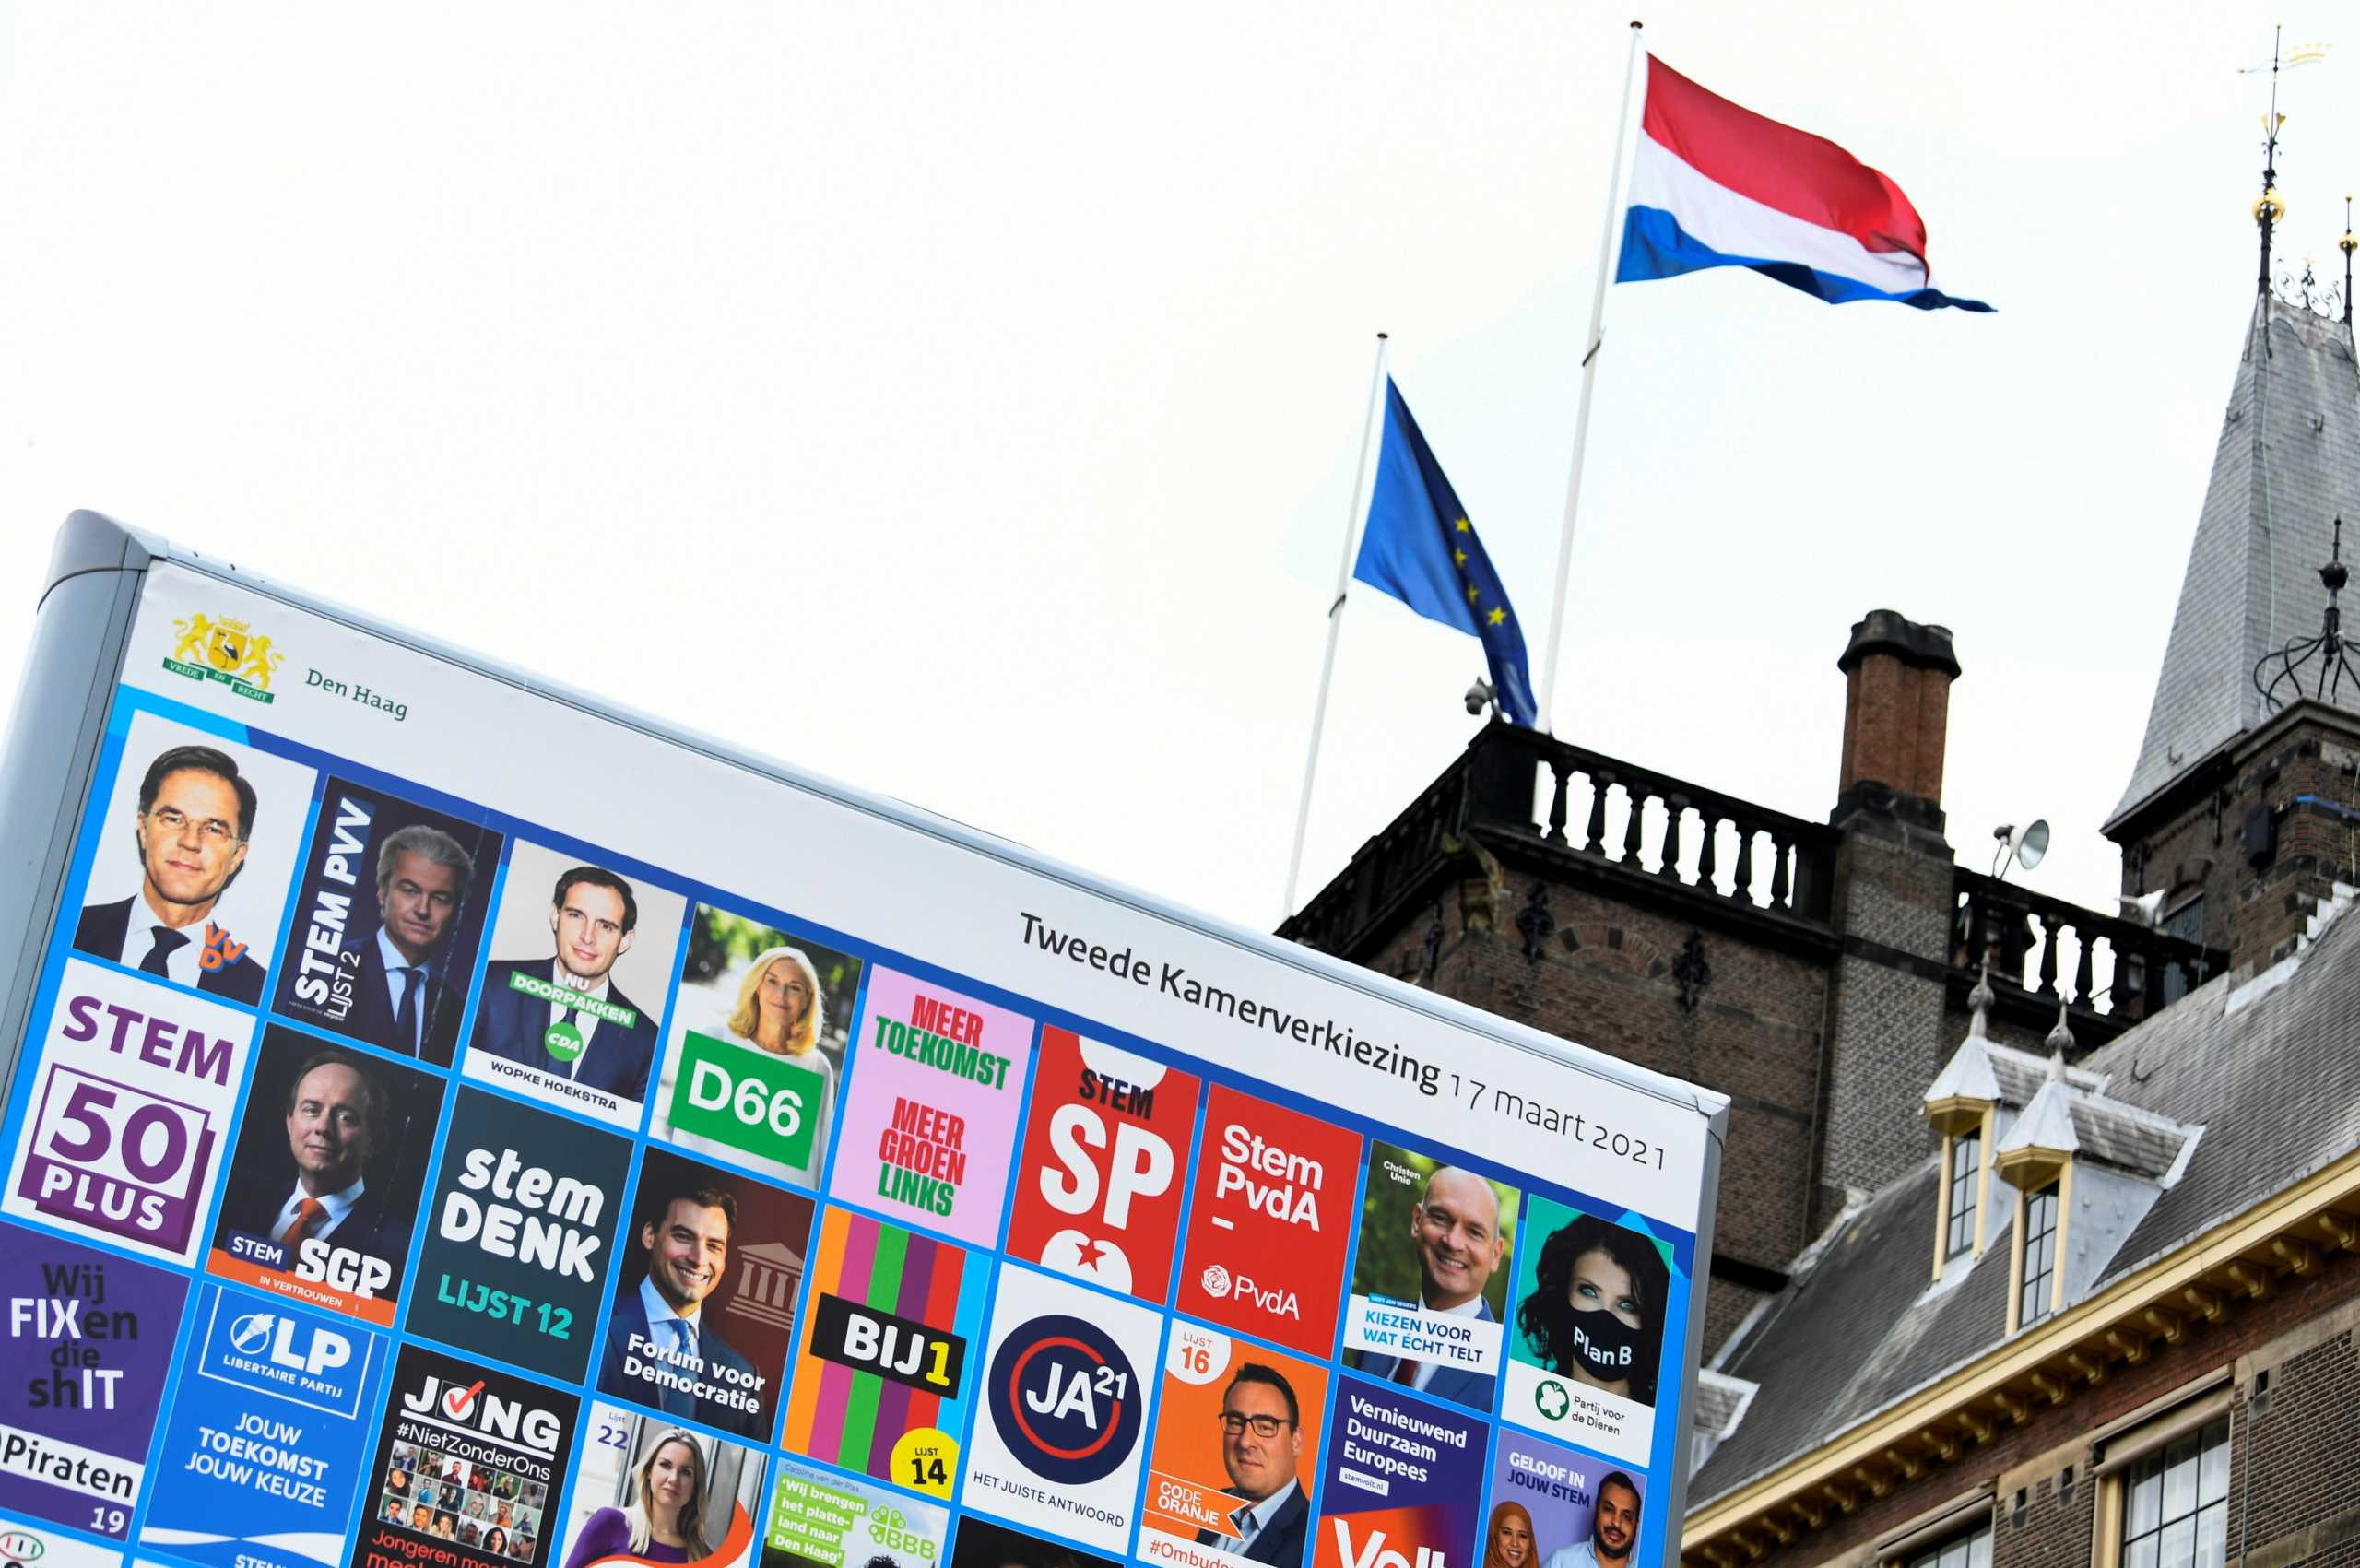 Ολλανδία: Ξεκίνησαν οι βουλευτικές εκλογές – Τι δείχνουν οι δημοσκοπήσεις